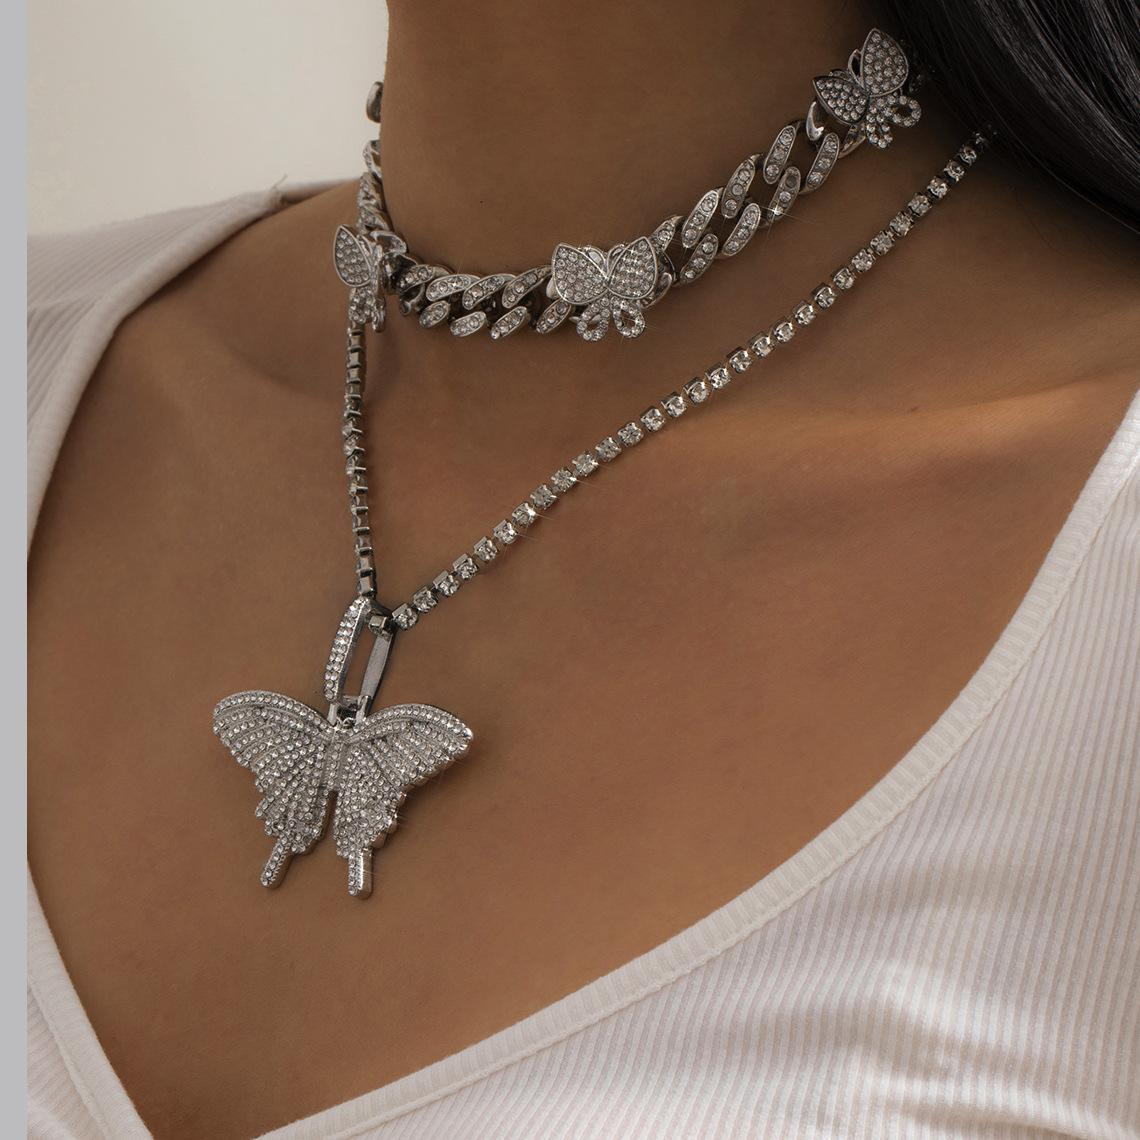 Um conjunto strass luxo mulheres borboleta colares de ouro prata animal pingente pingente choragem moda colar de jóias presentes para meninas